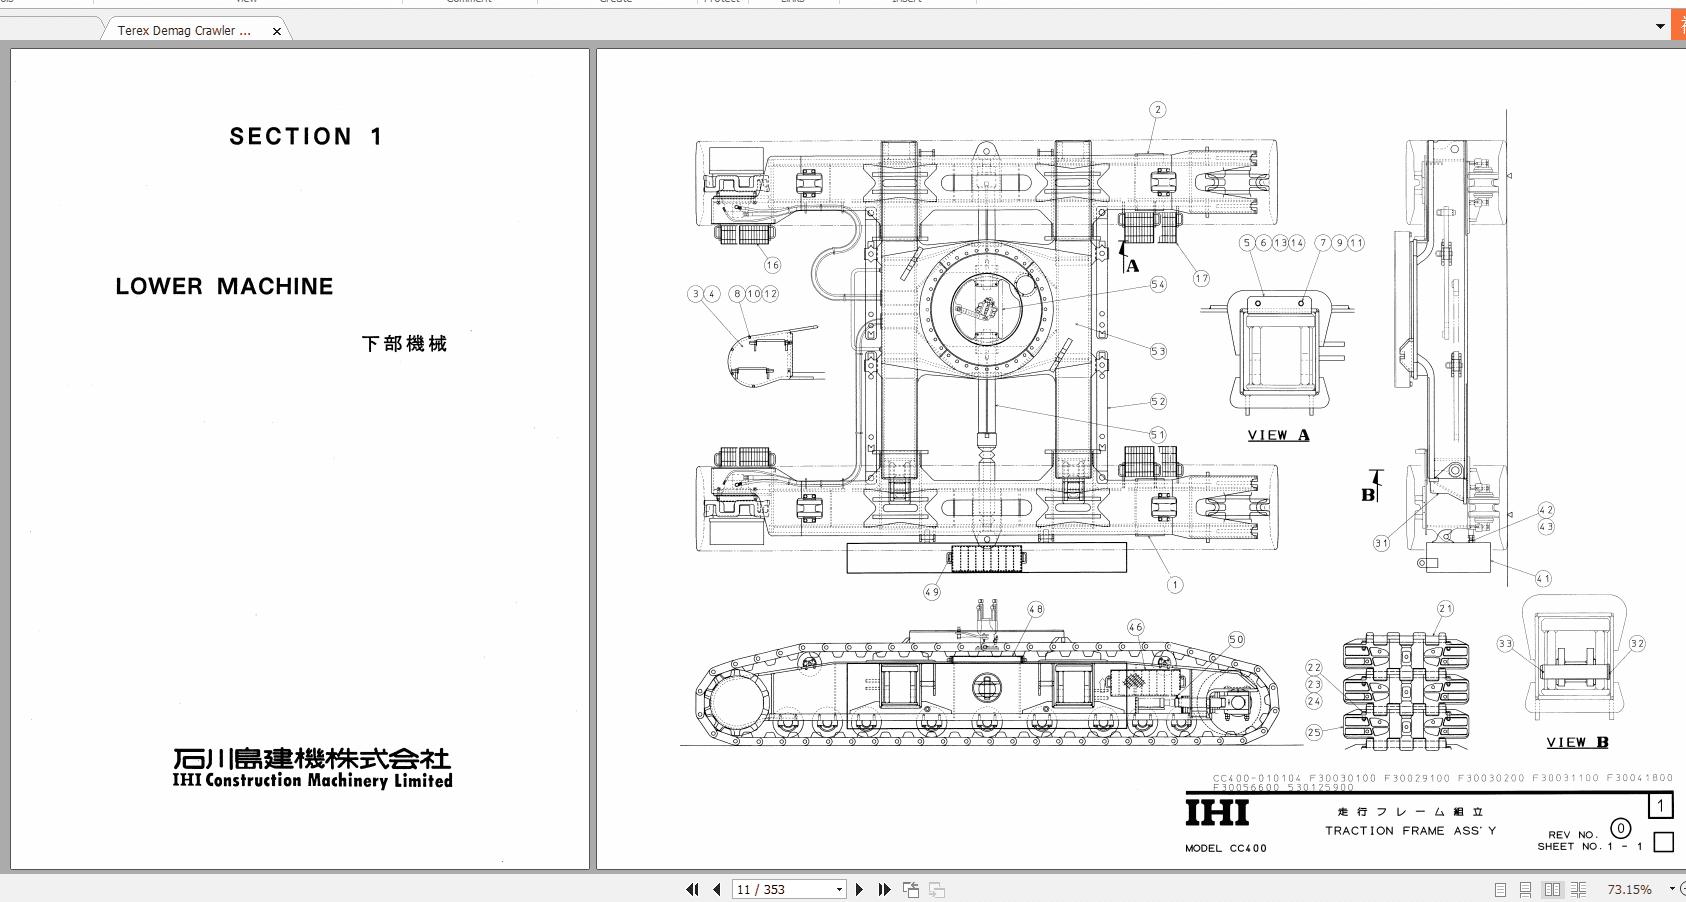 Terex_Demag_Crawler_Crane_CC400_HD83_Parts_Catalog_2